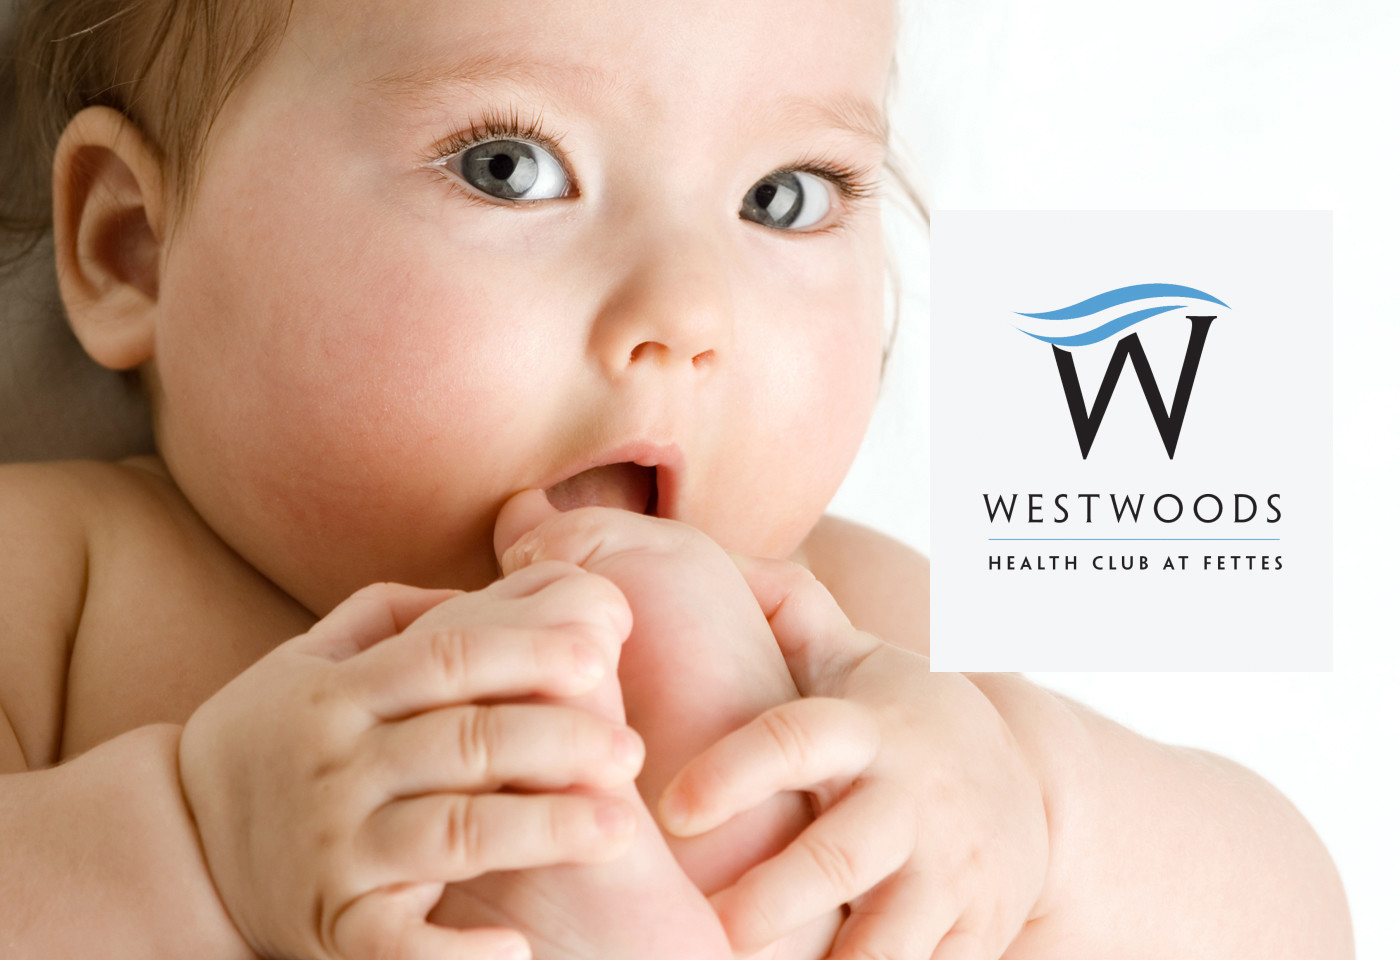 Westwood Health Club